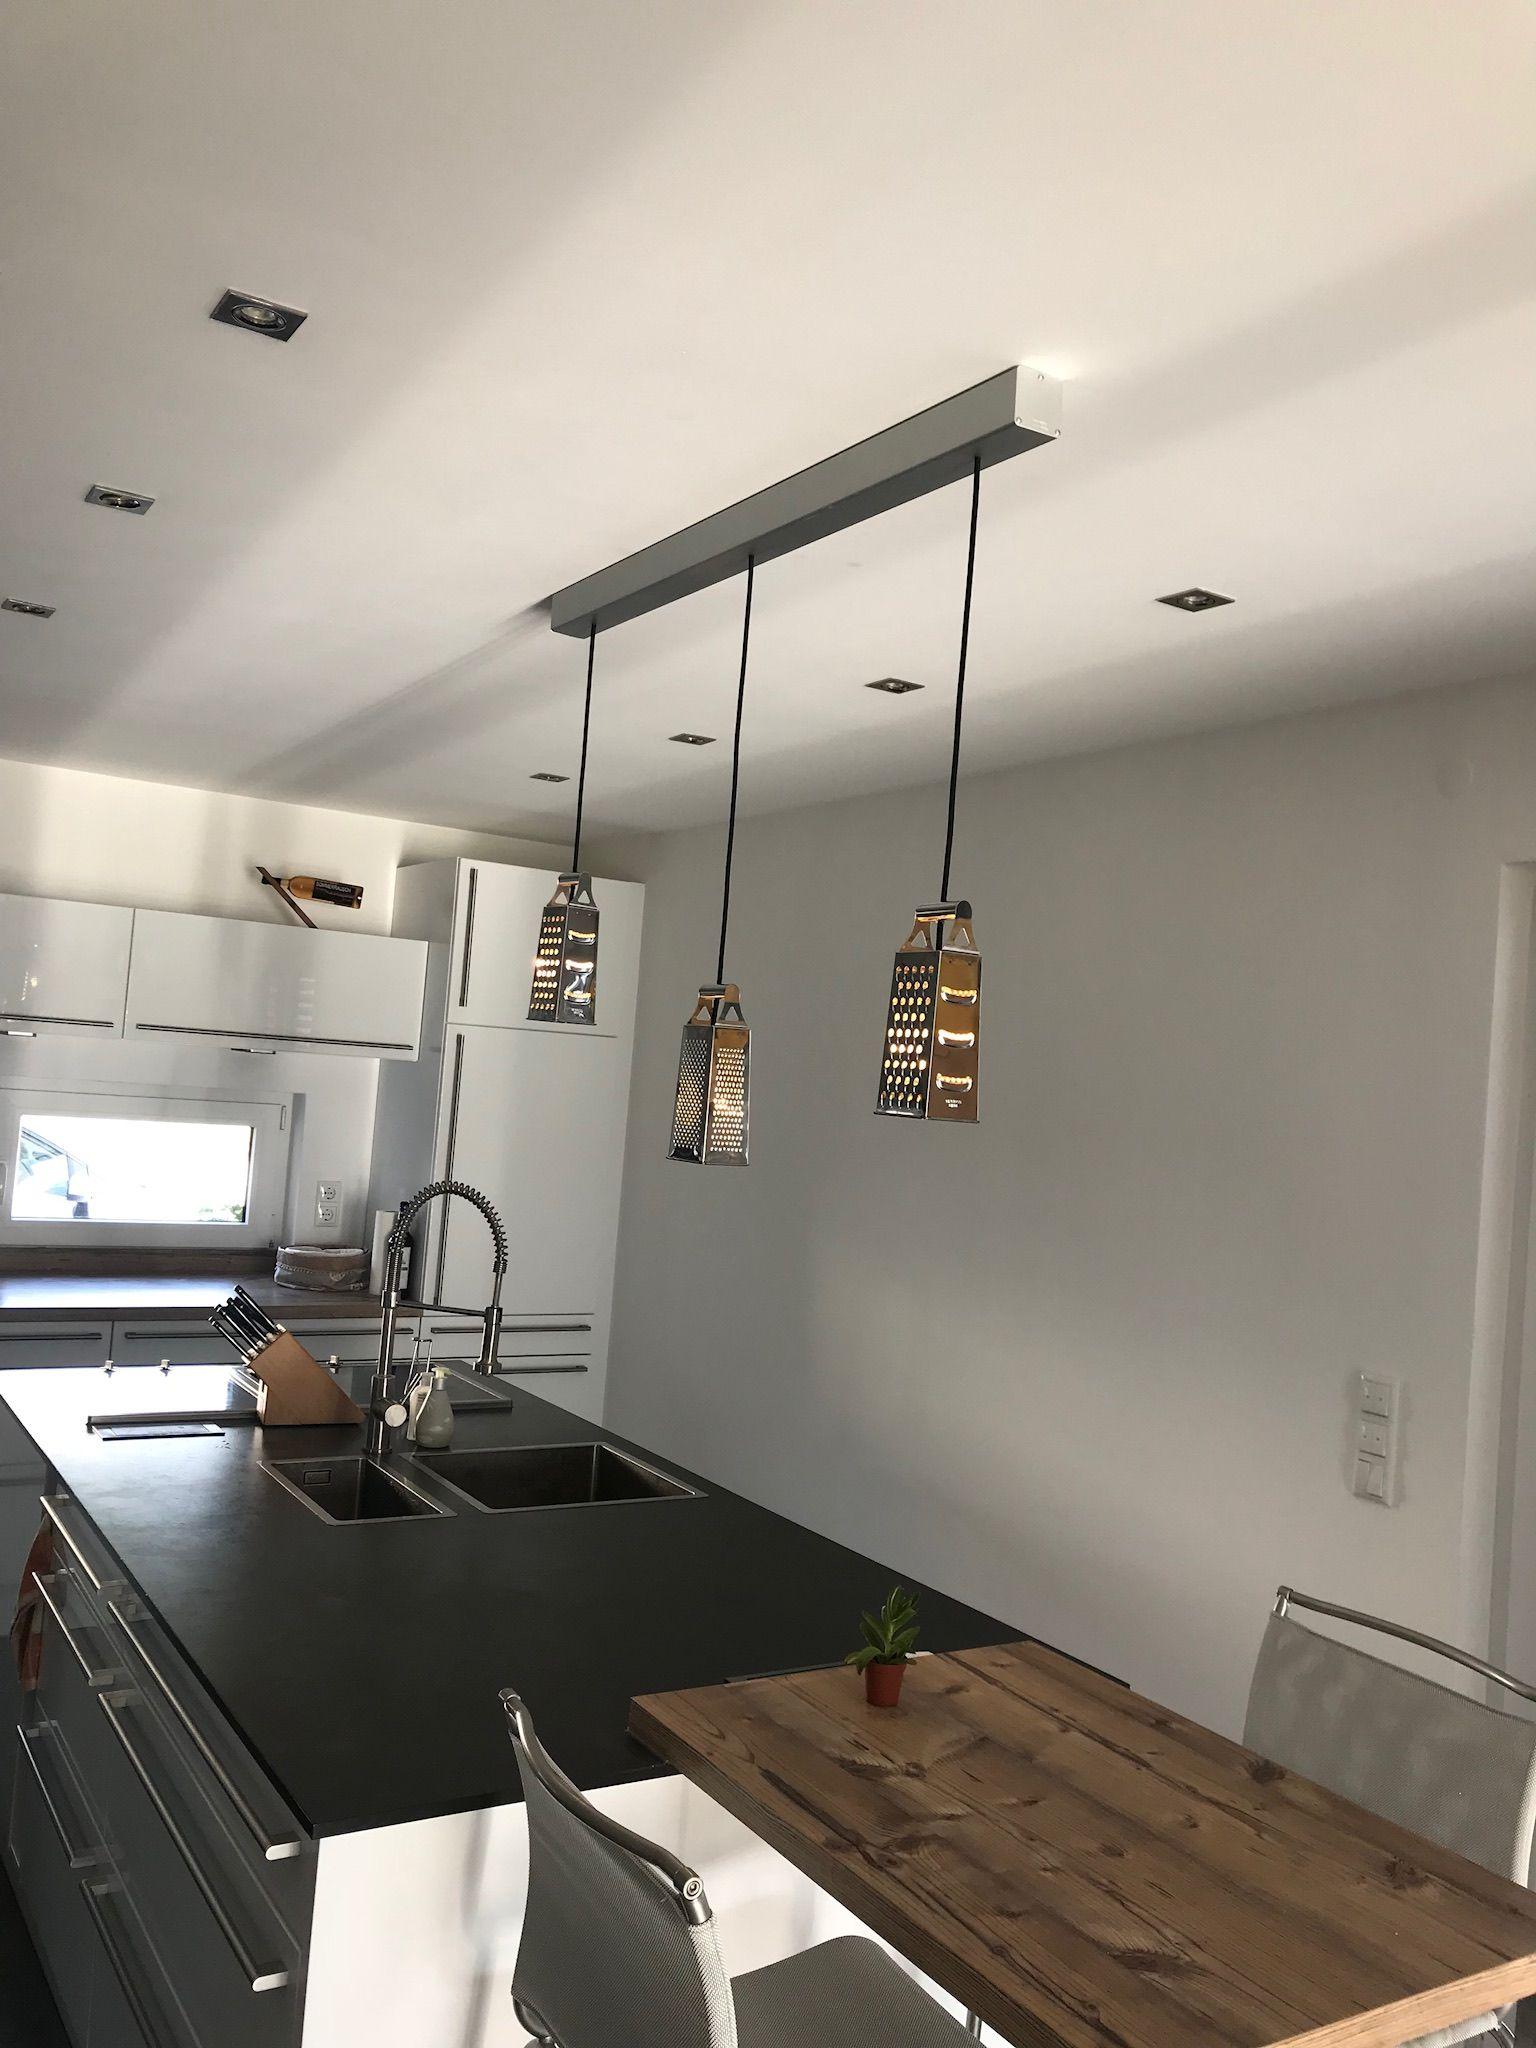 Full Size of Küchenleuchte Unsere Neue Kchenleuchte Kche Wohnzimmer Küchenleuchte